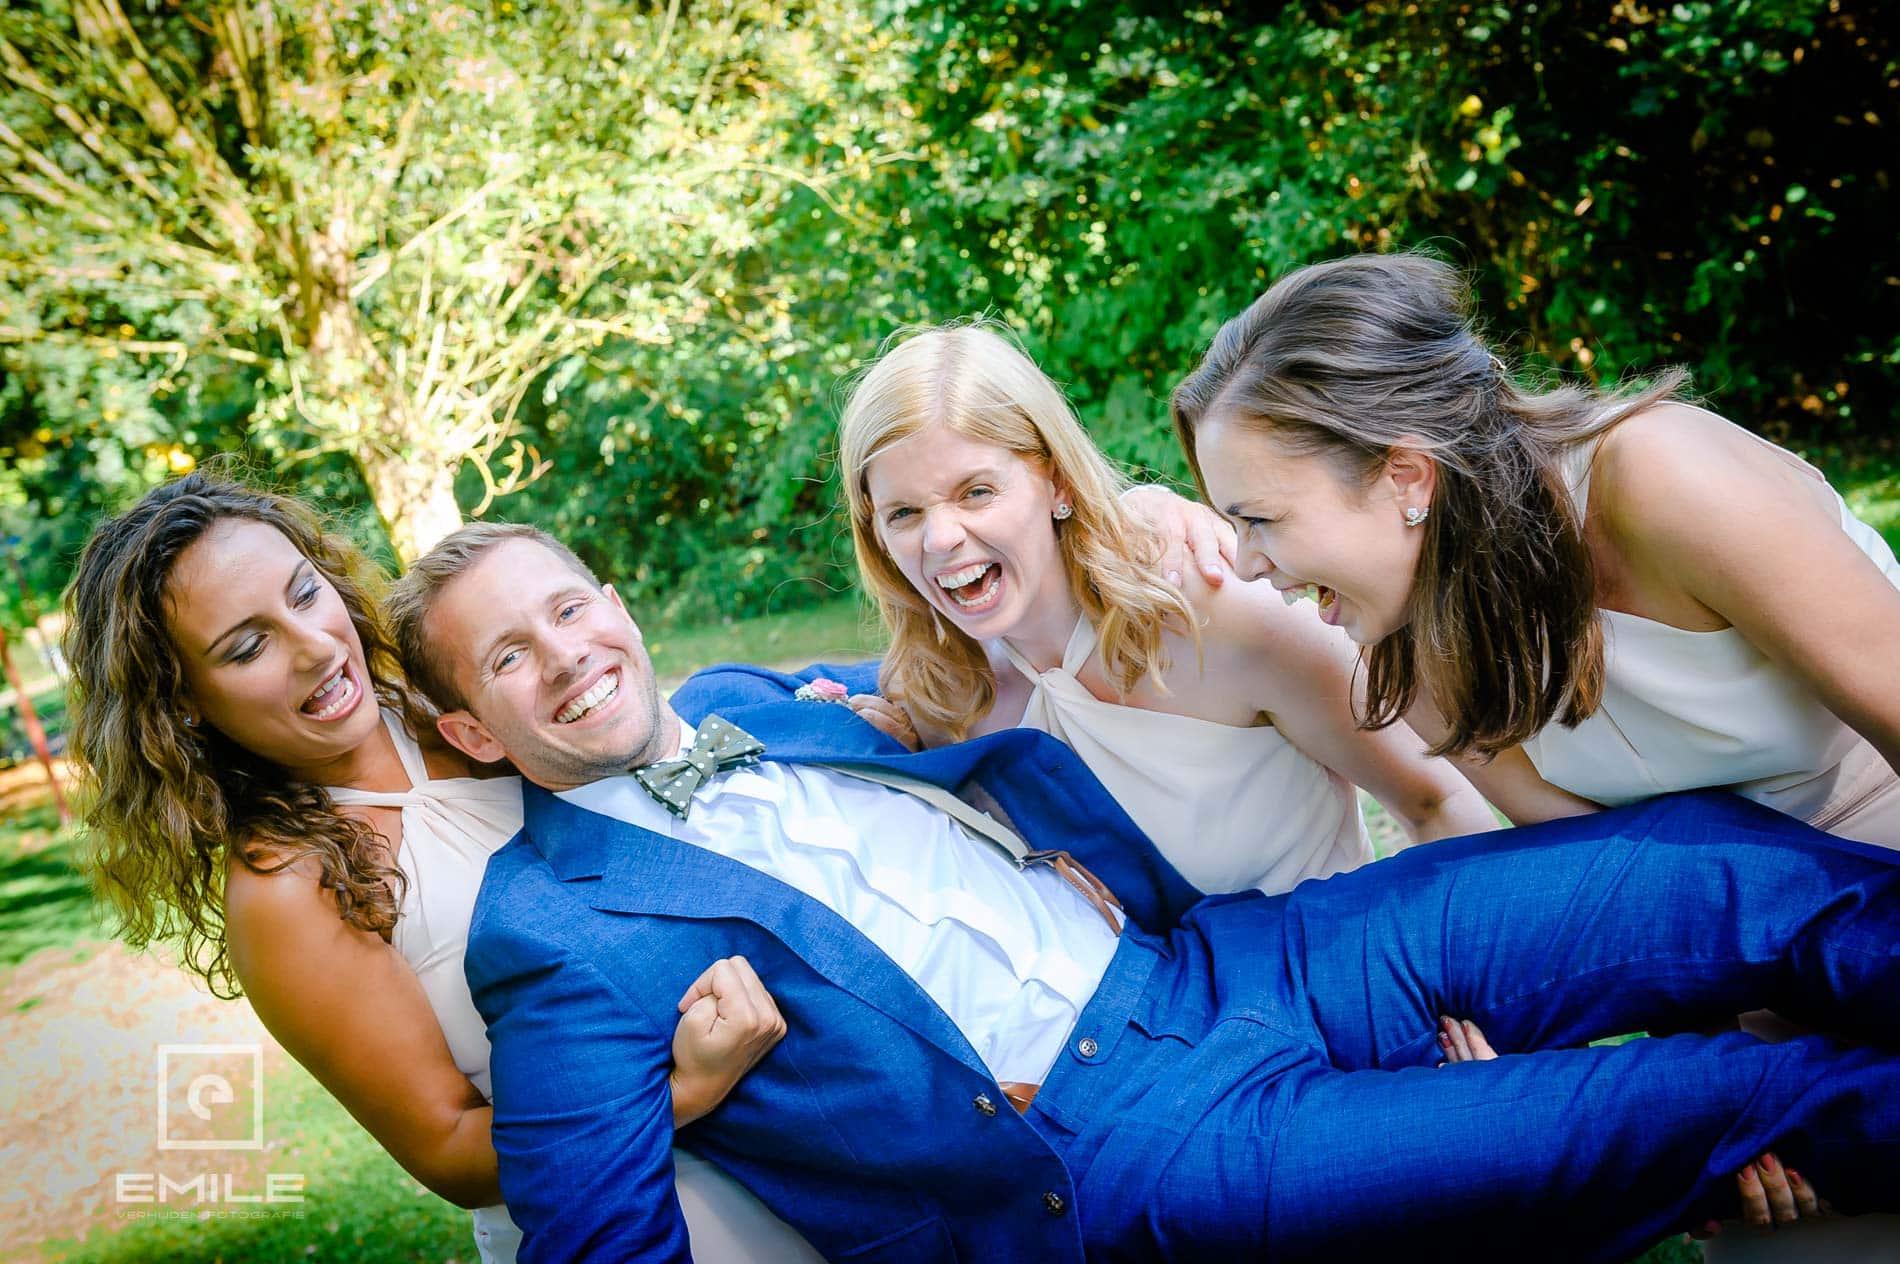 Bruidsfotograaf Landgraaf bruidegom wordt gedragen door de bruidsmeisjes